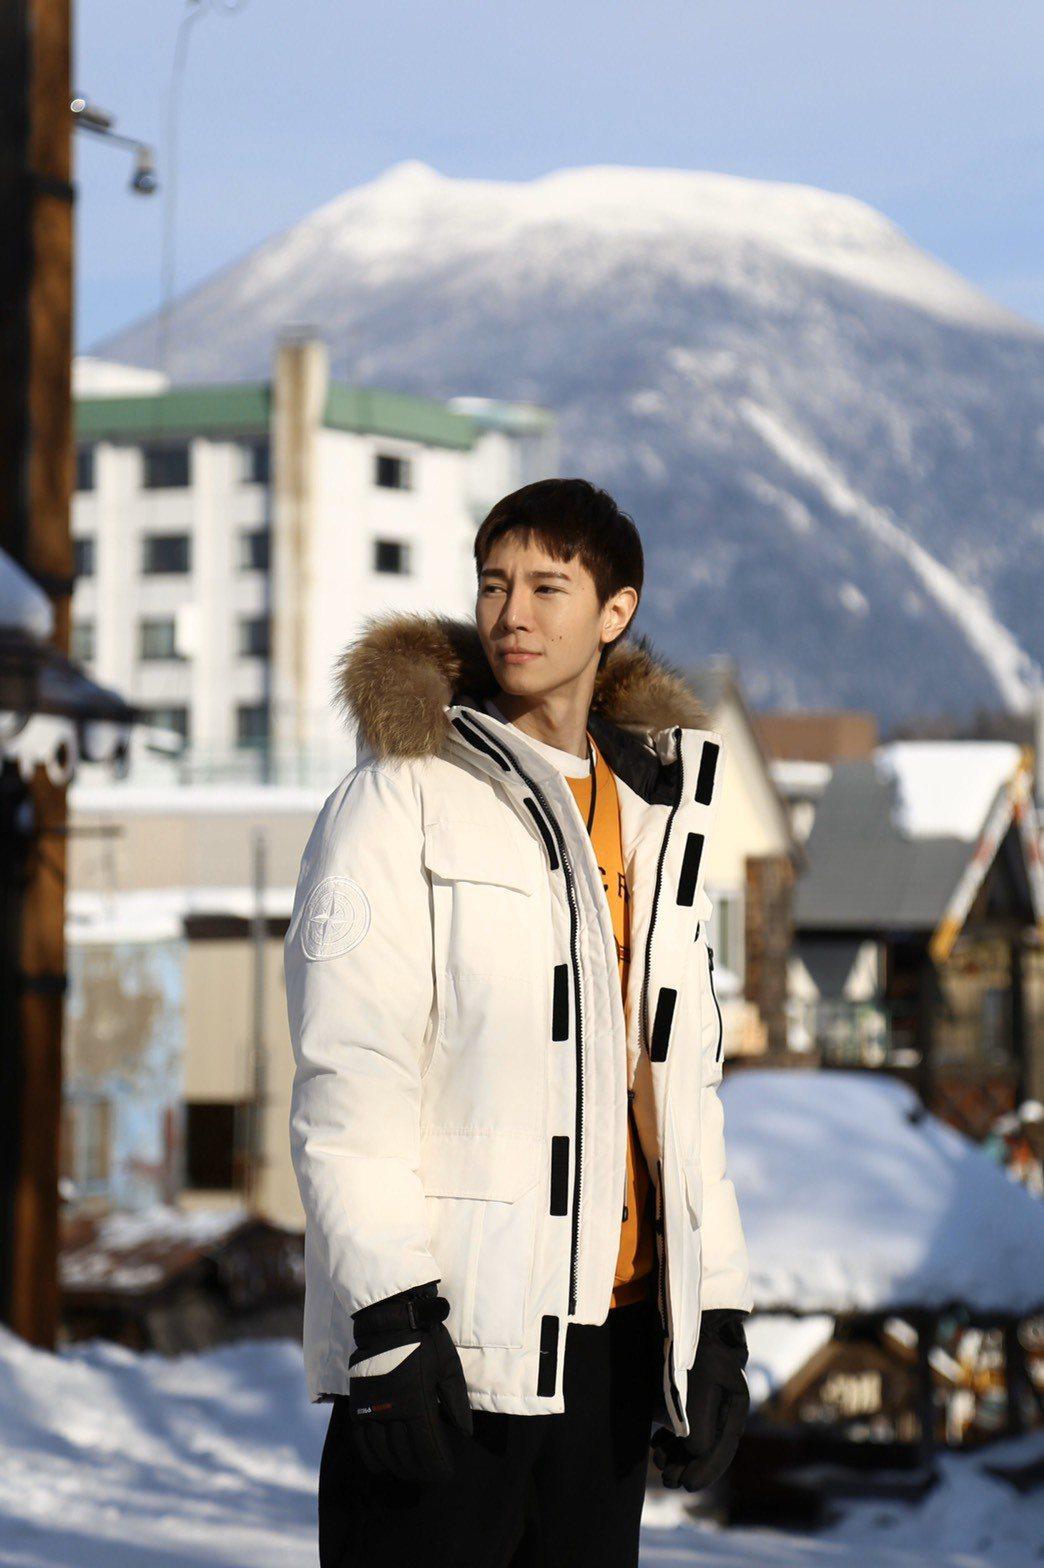 吳珝陽日前到北海道旅遊。圖/伊林提供